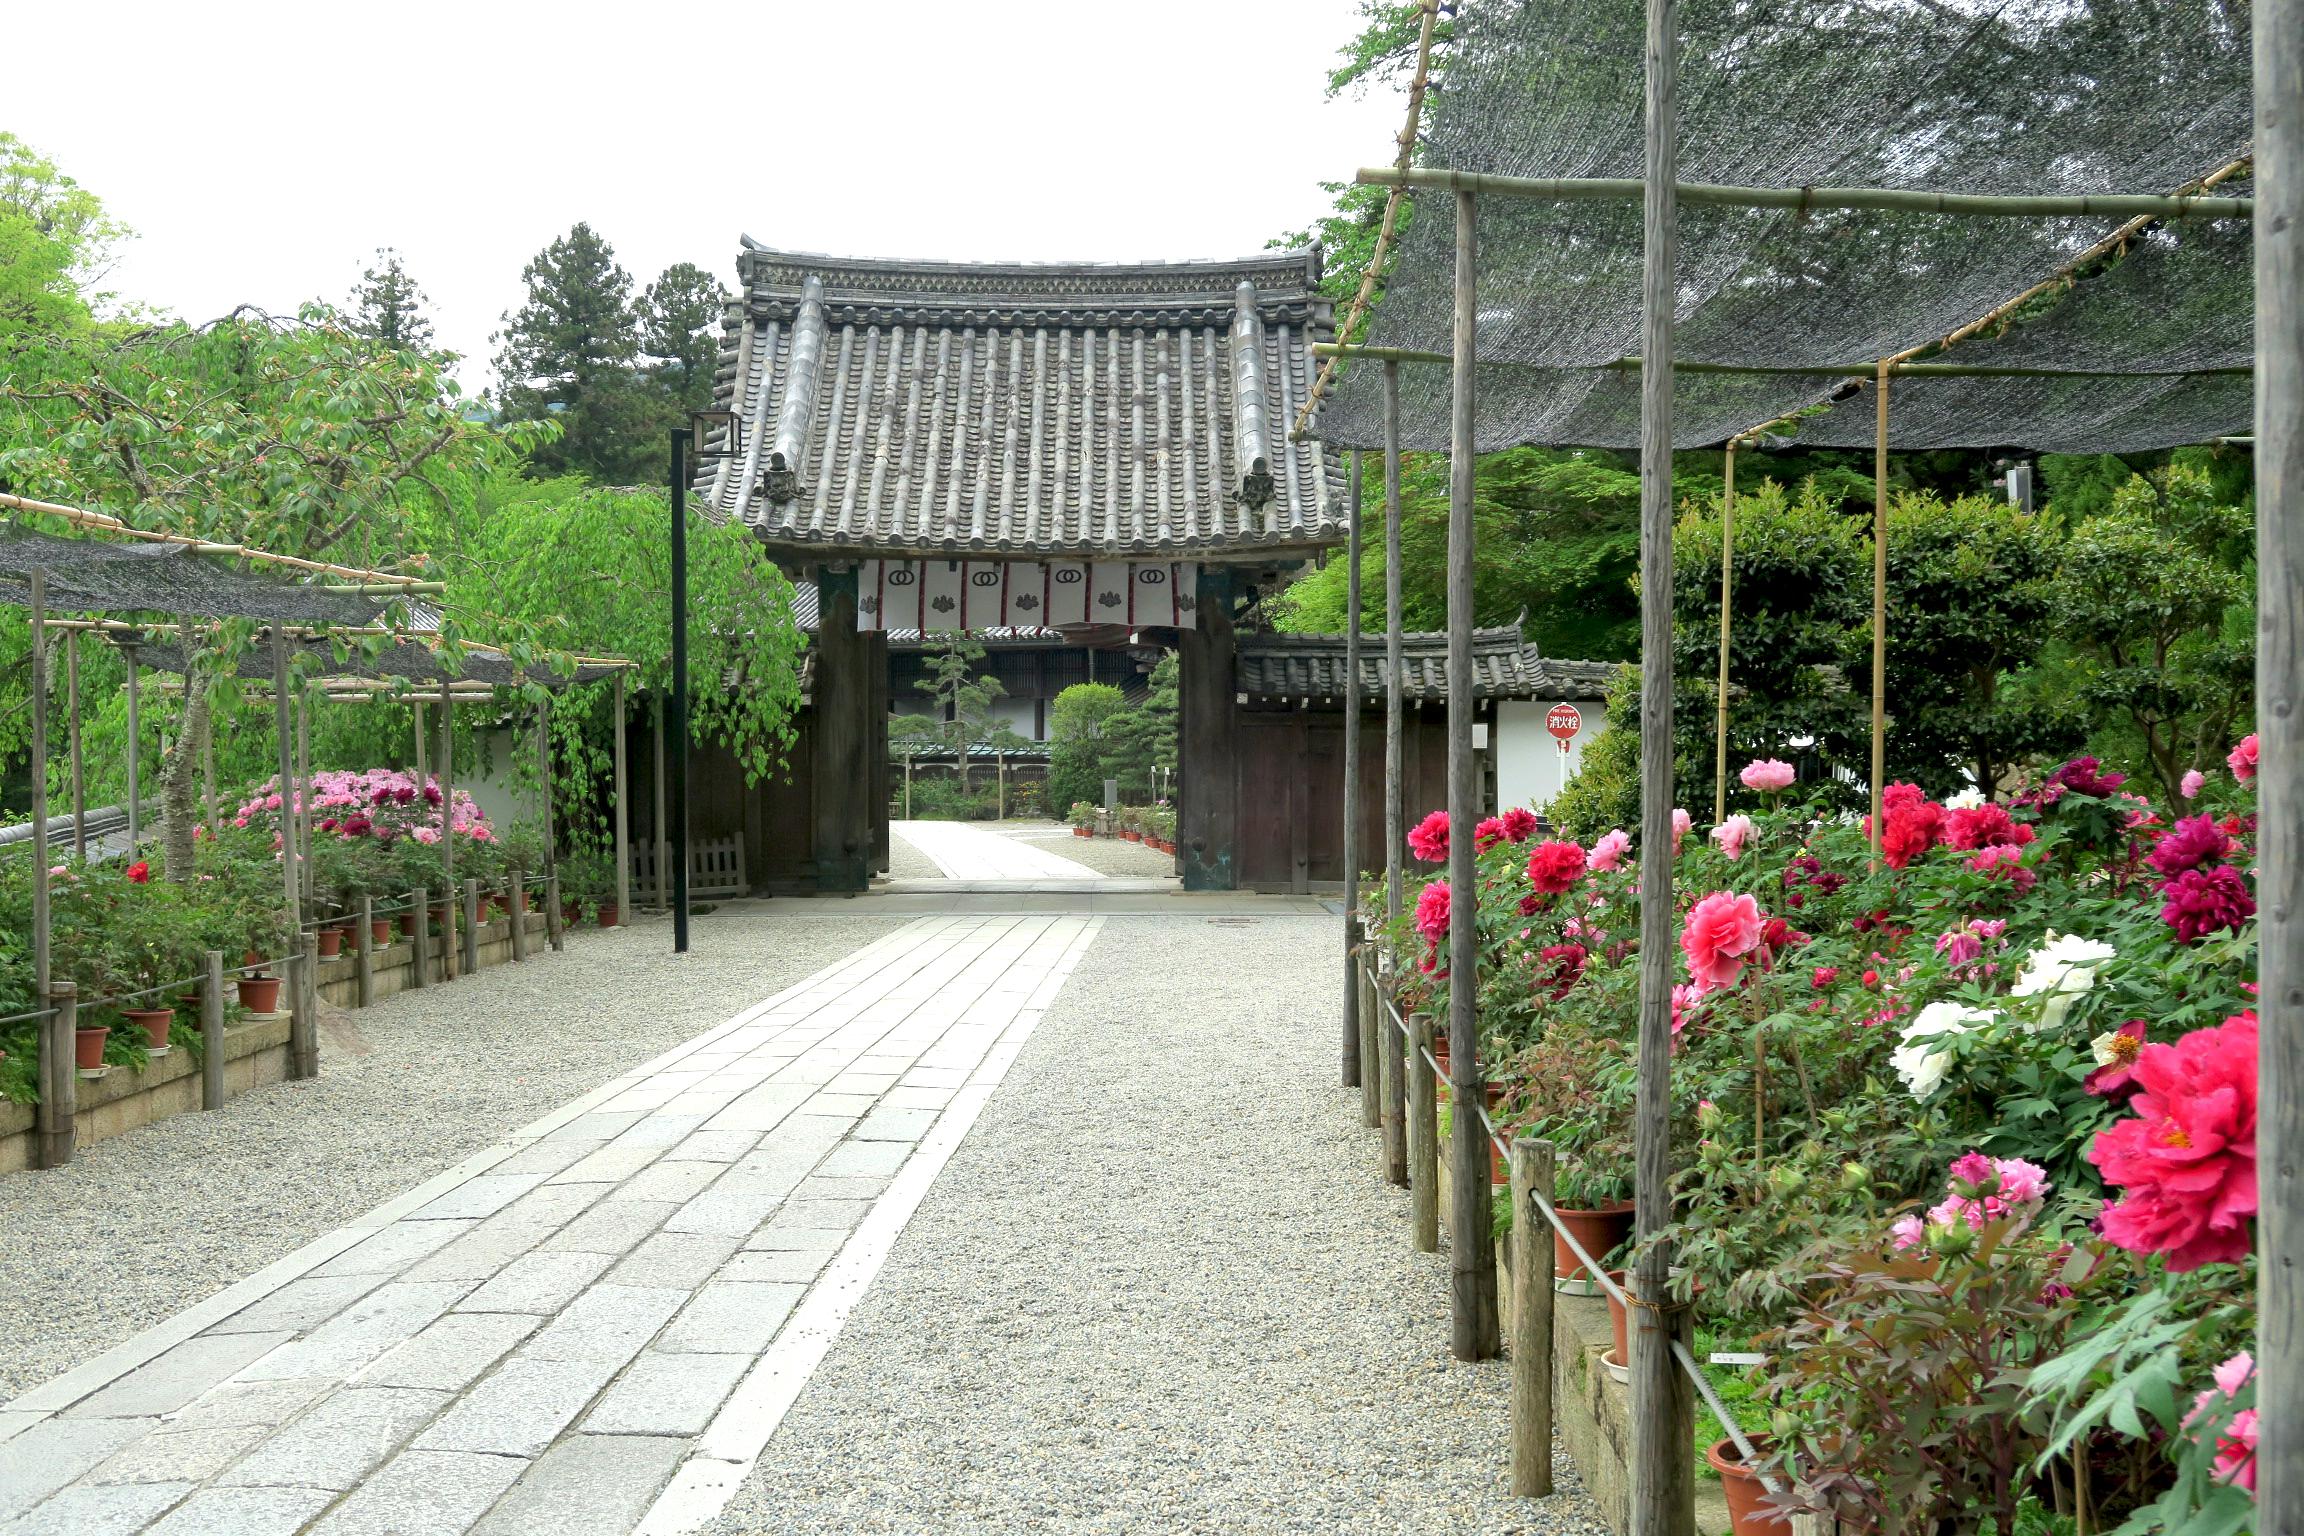 本坊までの参道にも牡丹の花がたくさん咲いています。